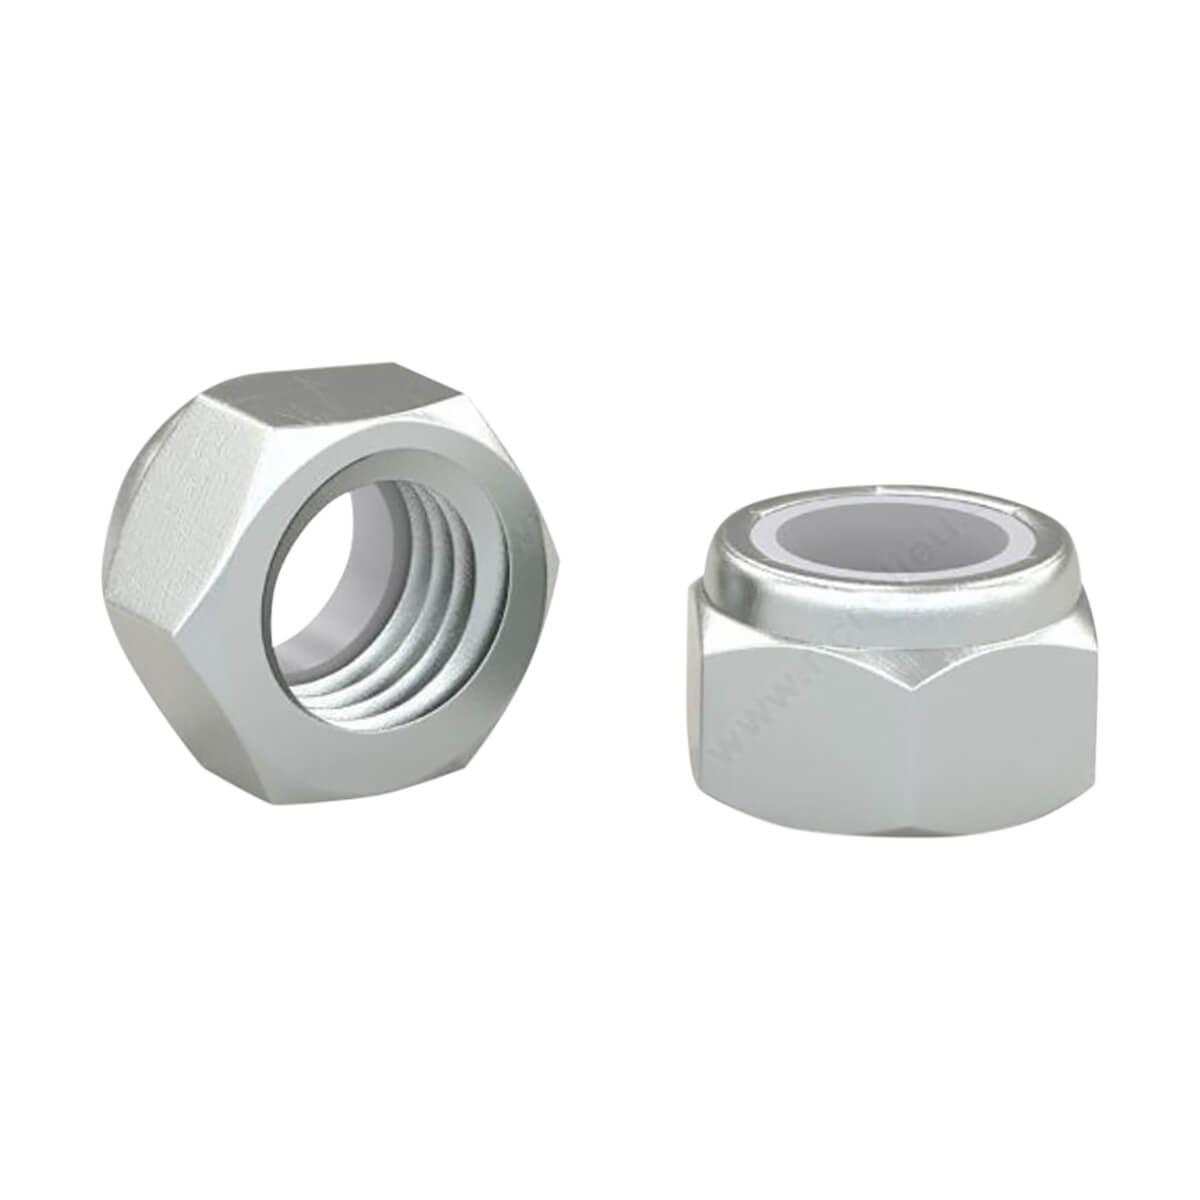 Lock Nut - Steel/Nylon - 1/4-in-20 Pitch - Zinc - 8 Pack